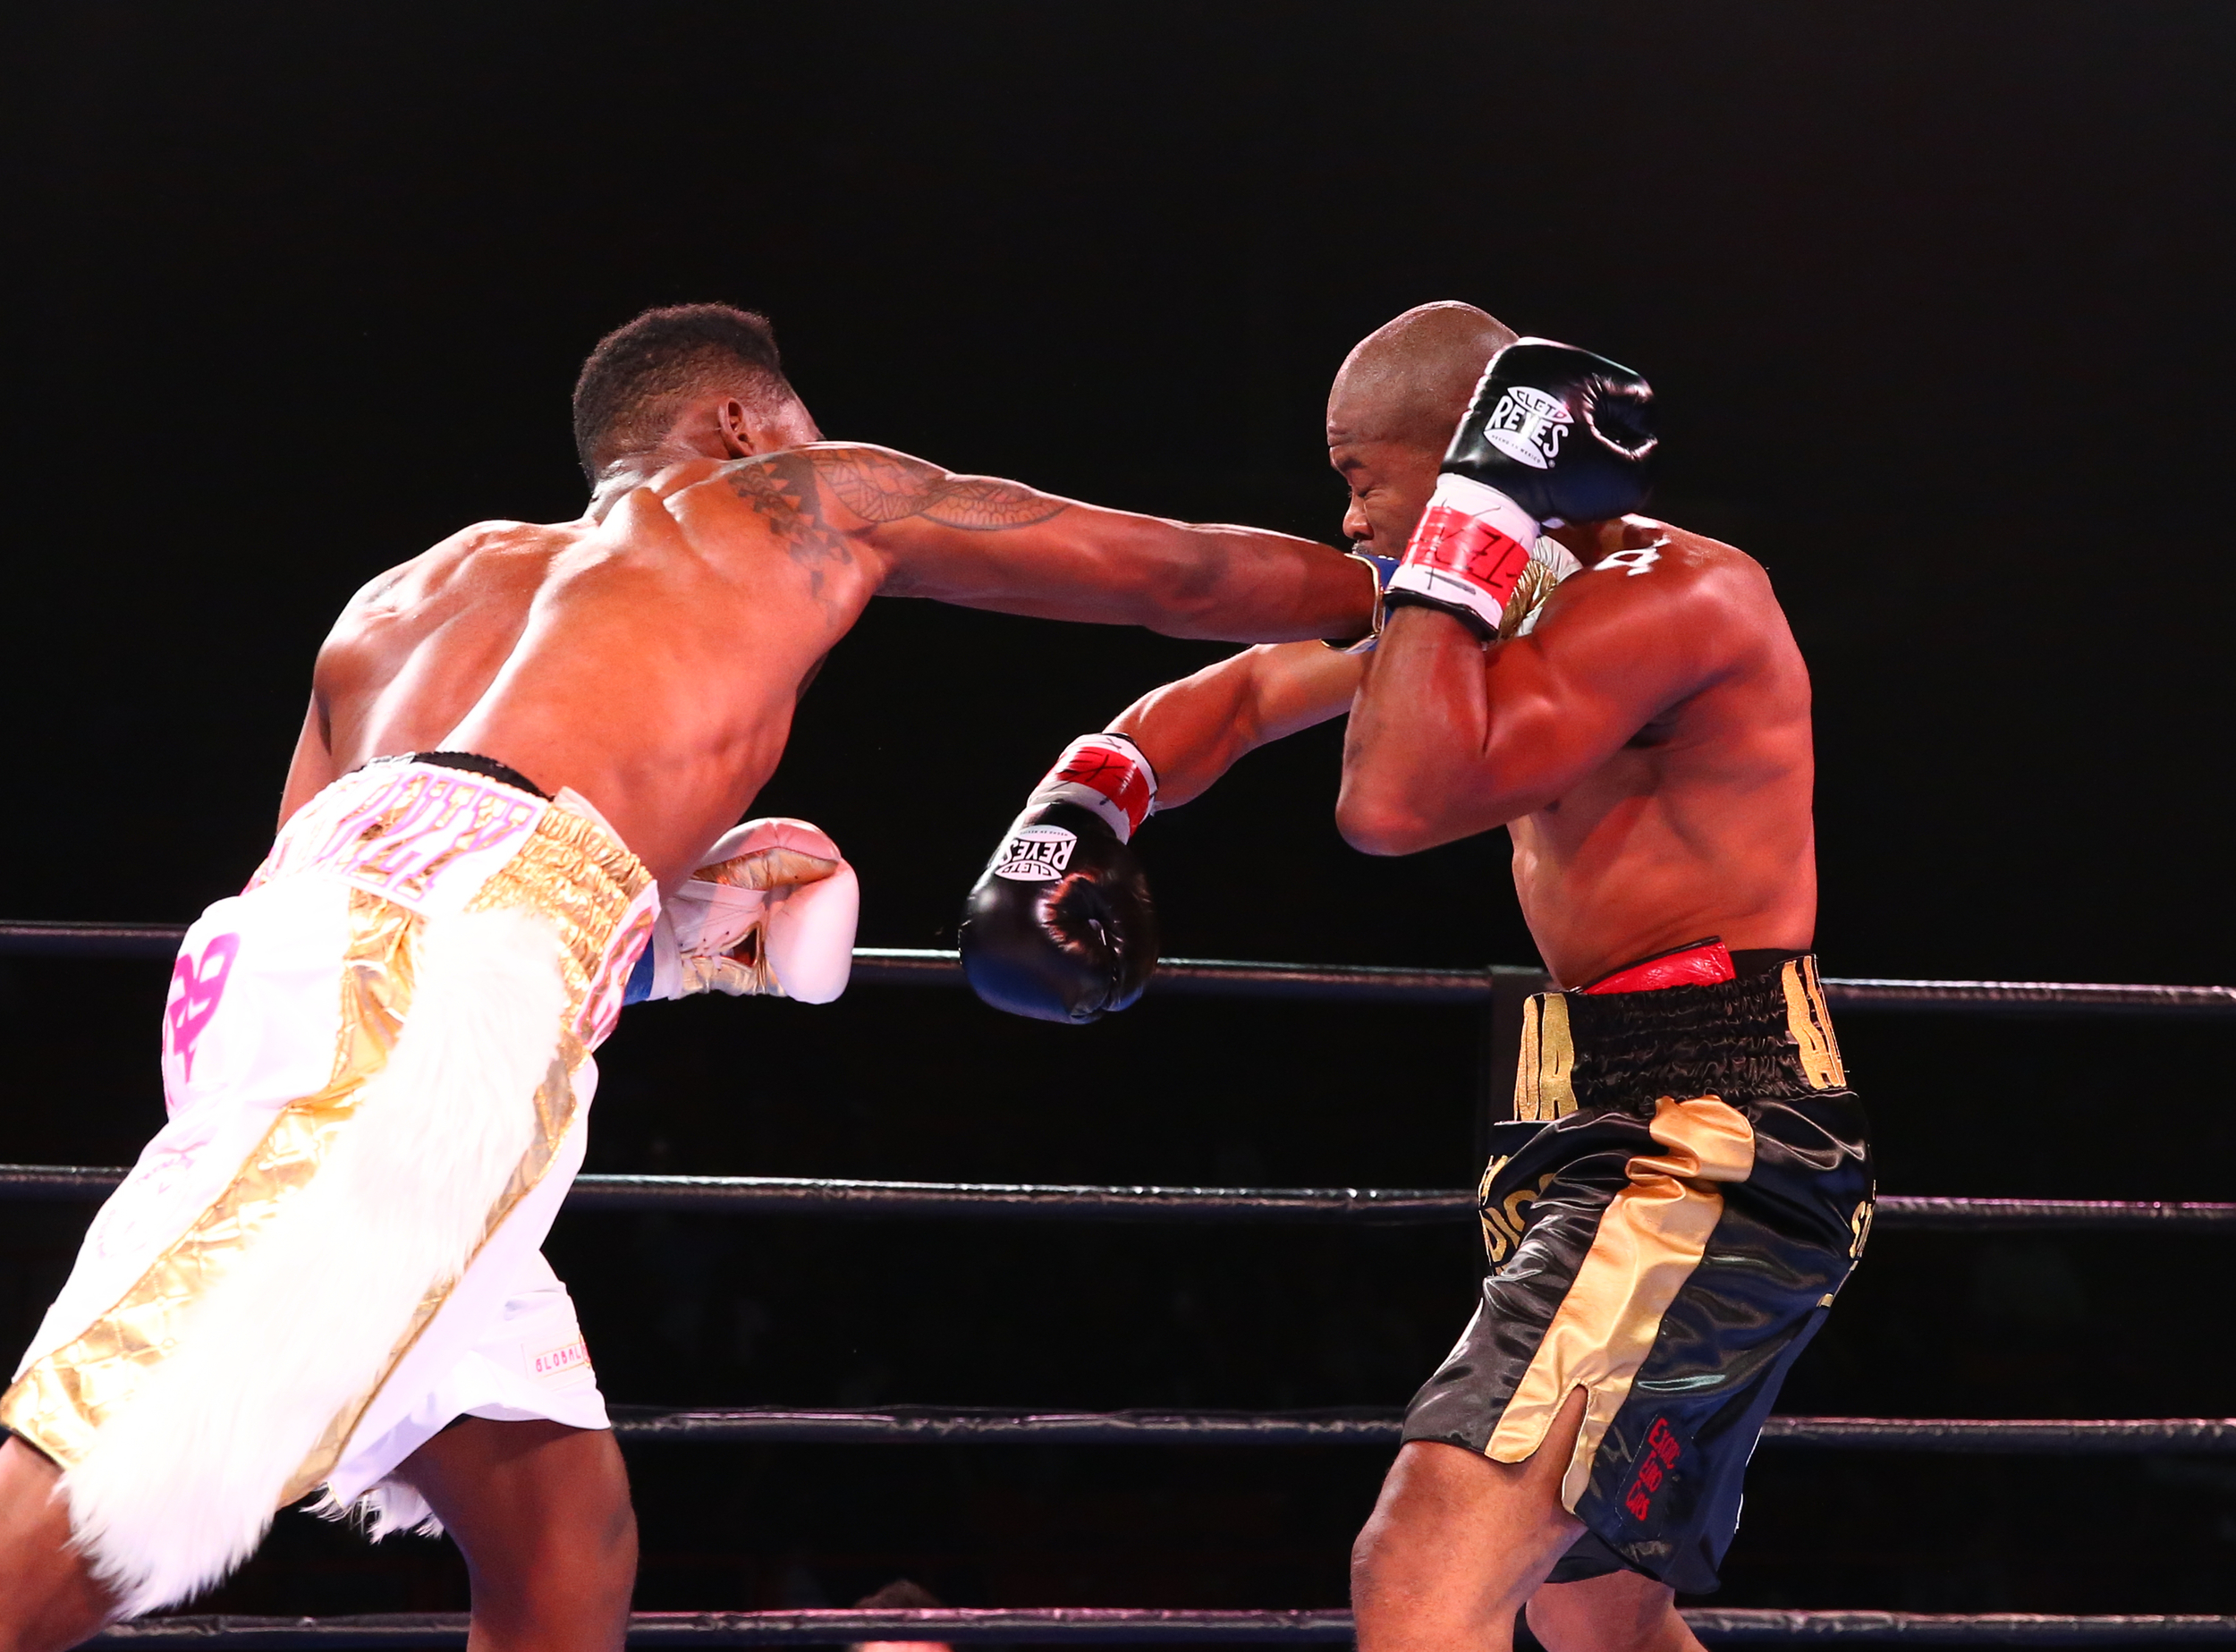 SASP- 20151031 - PBC Boxing - 2306 - 4435.JPG